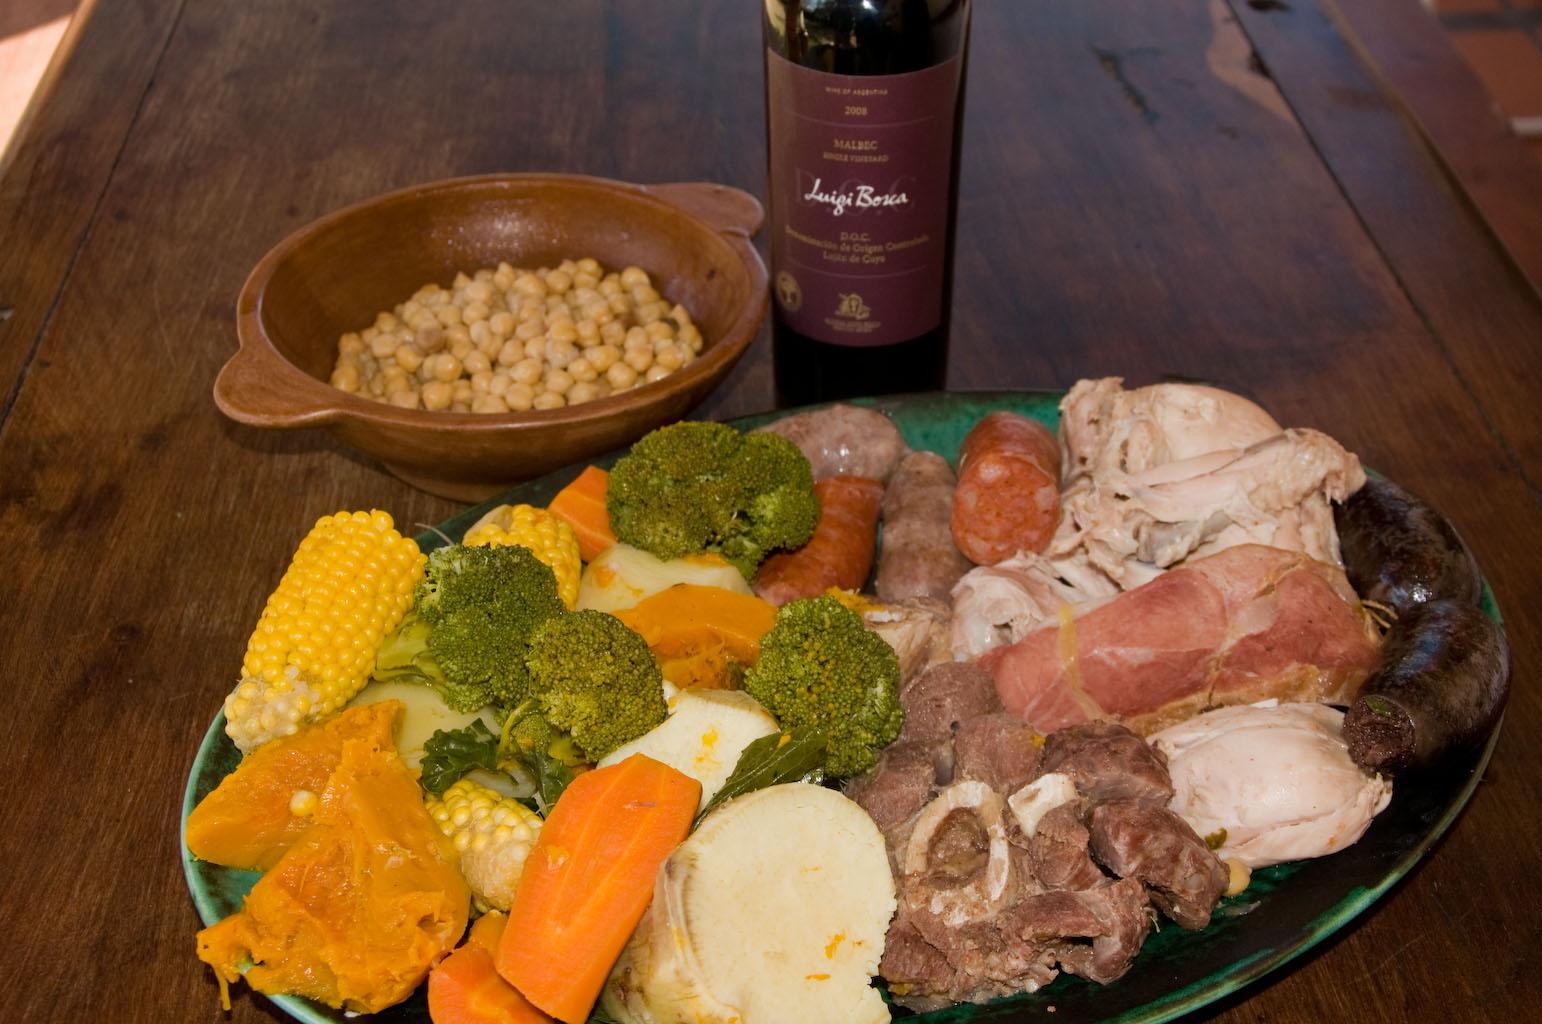 Receta puchero argentino taringa for Ingredientes para comida